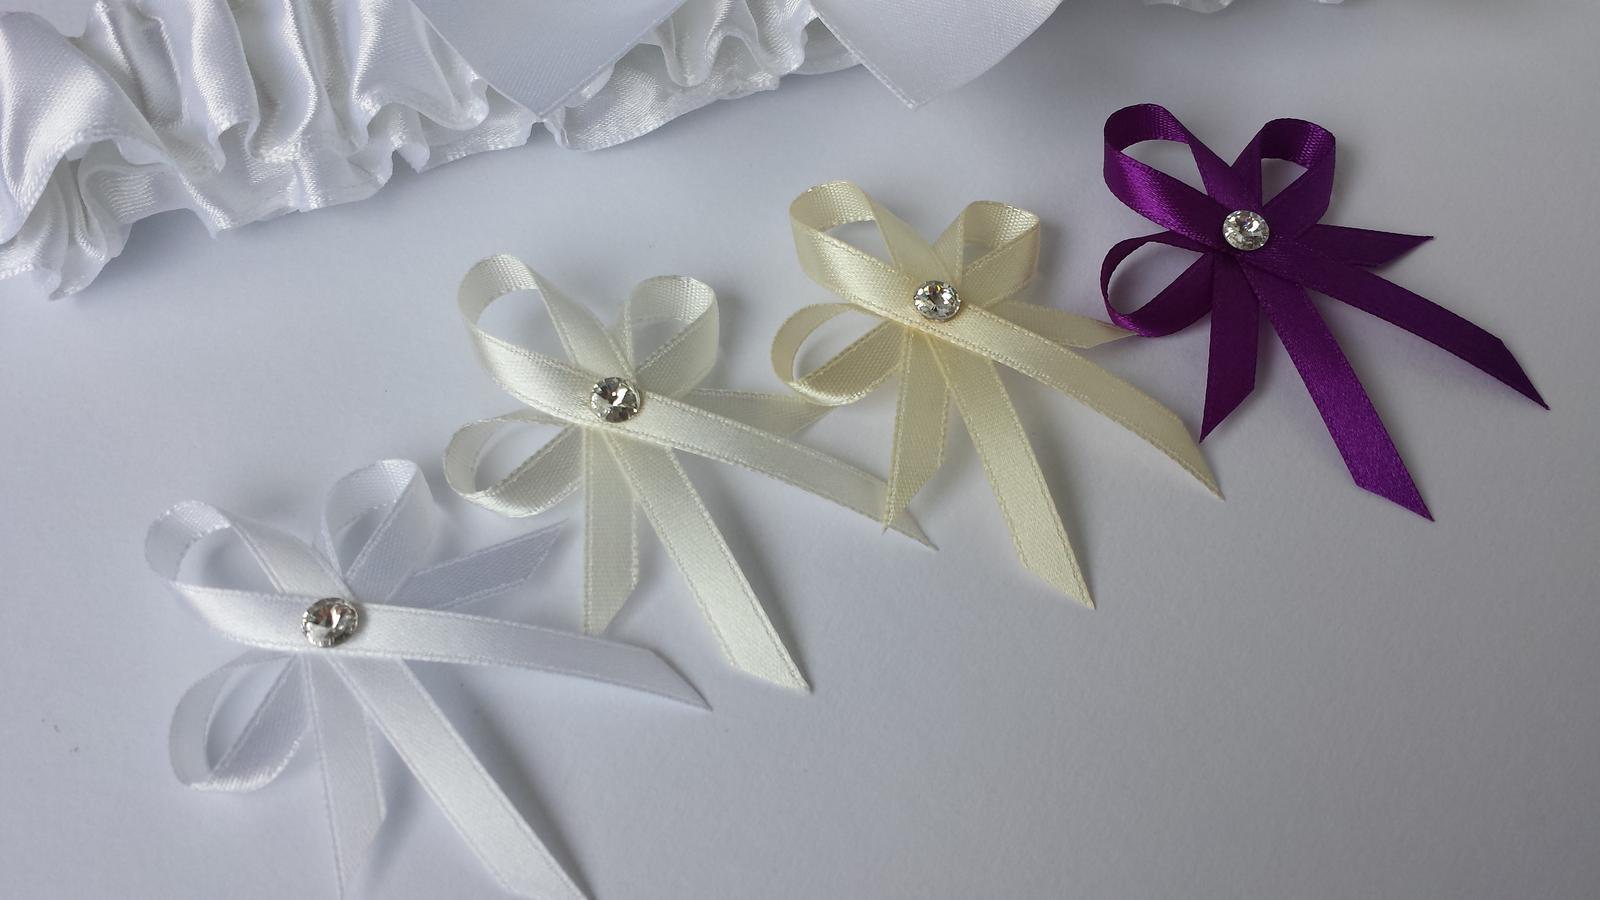 Bílé naušnice - hrozny s barvou vaší svatby - Obrázek č. 3